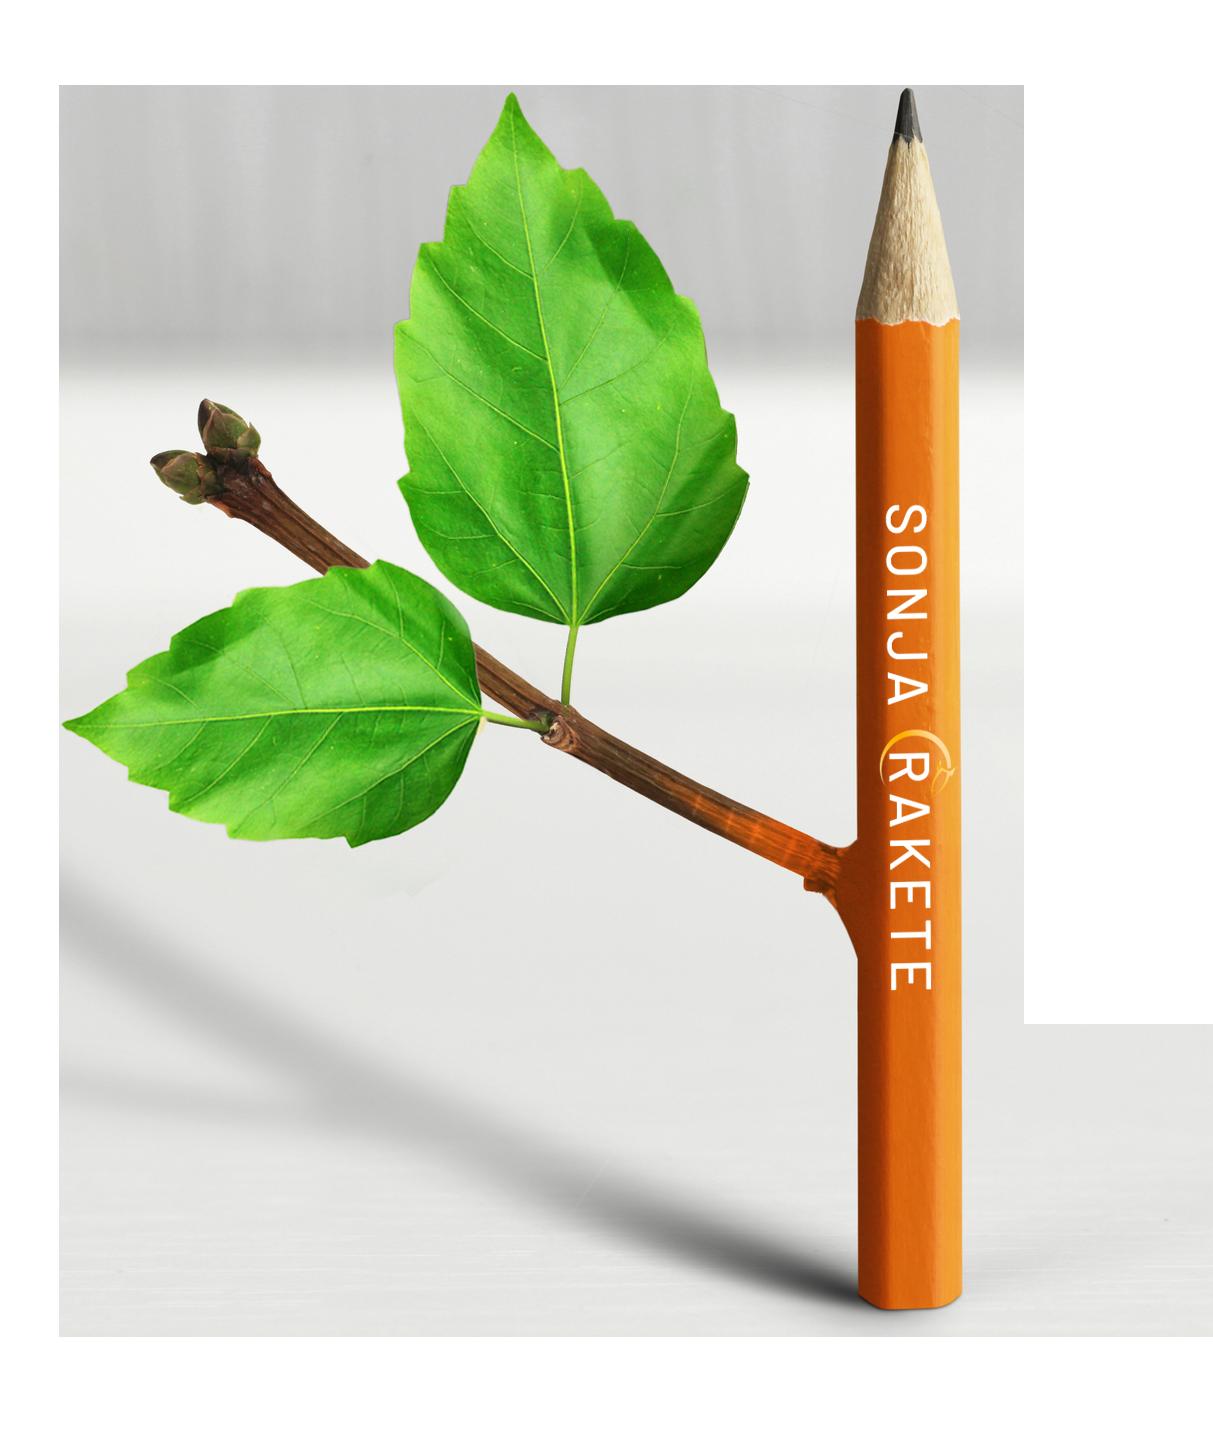 Bleistift mit Blättern symbolisiert Ideen